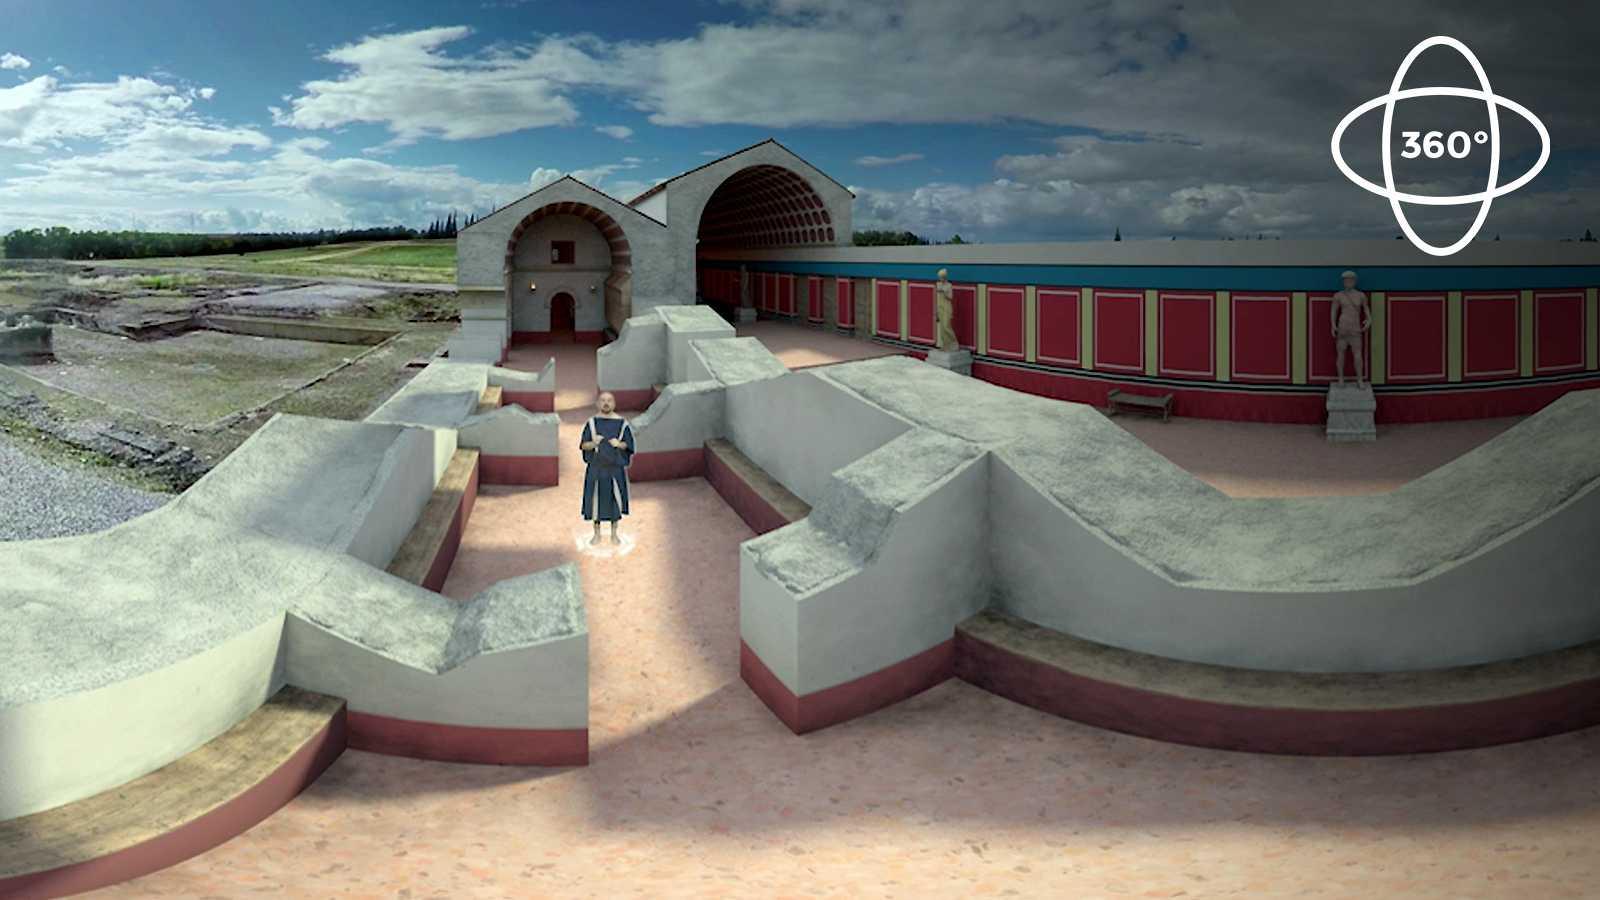 Ingeniería romana 360º: Termas Mayores de Itálica